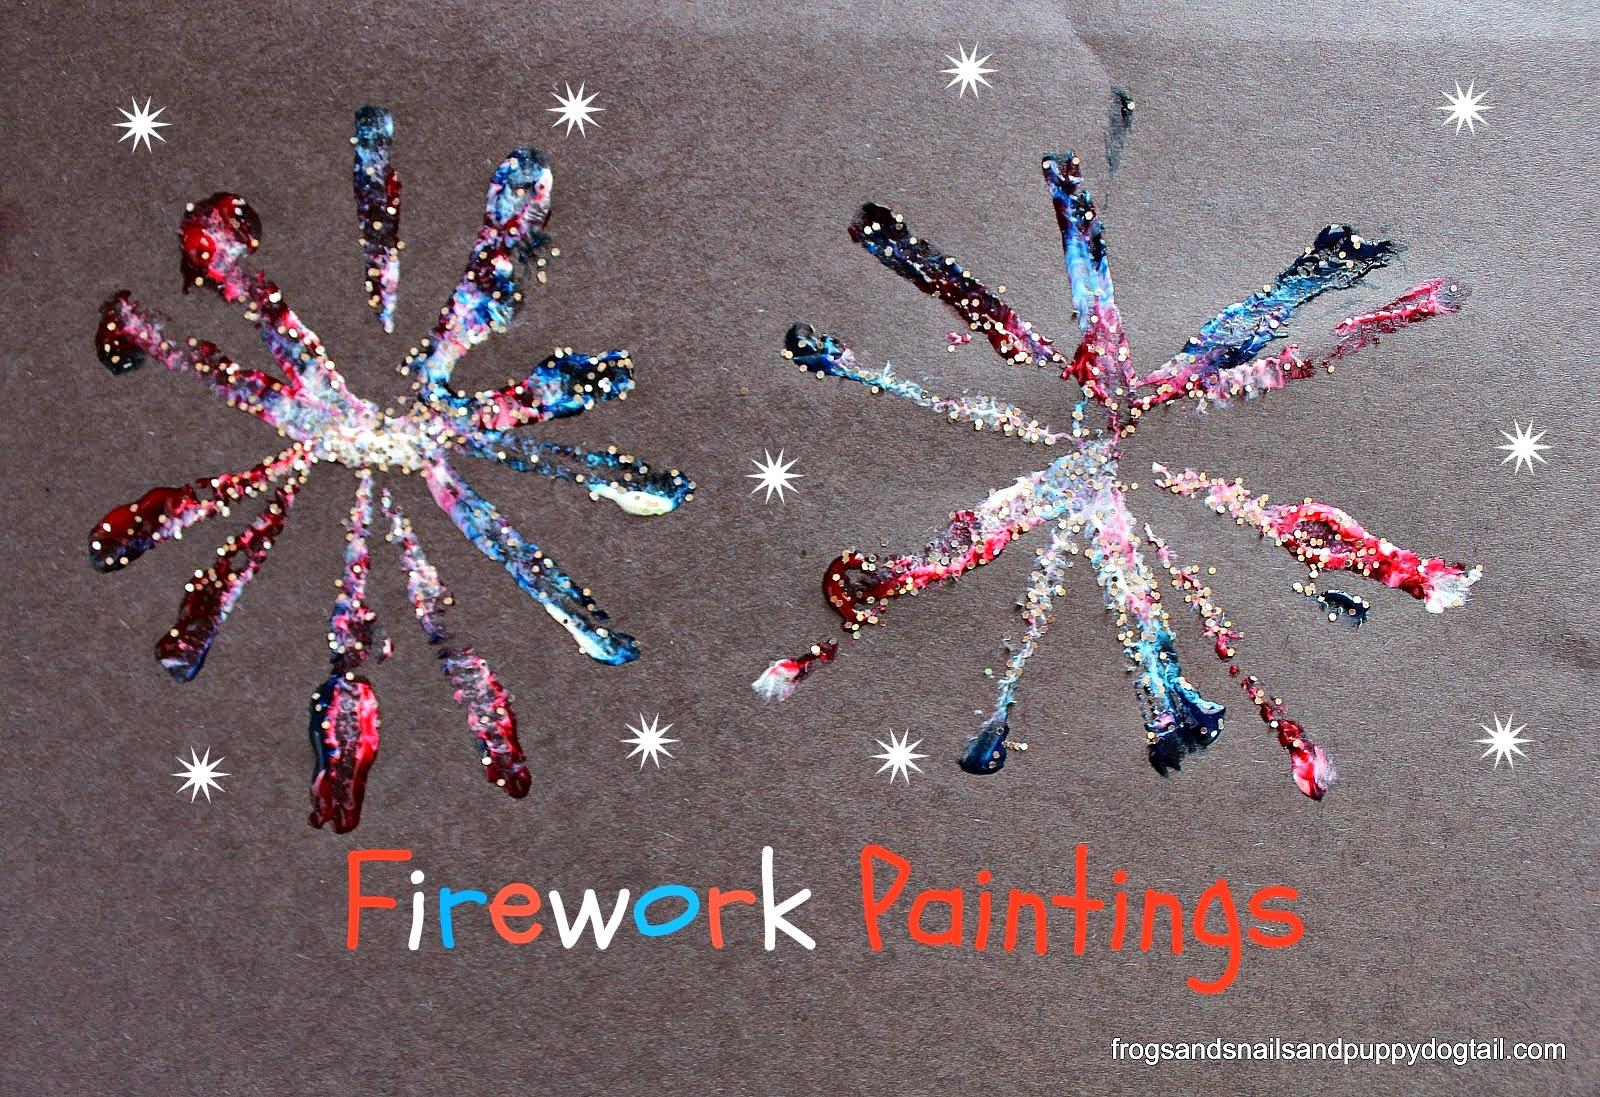 http://www.frogsandsnailsandpuppydogtail.com/2014/05/firework-paintings.html